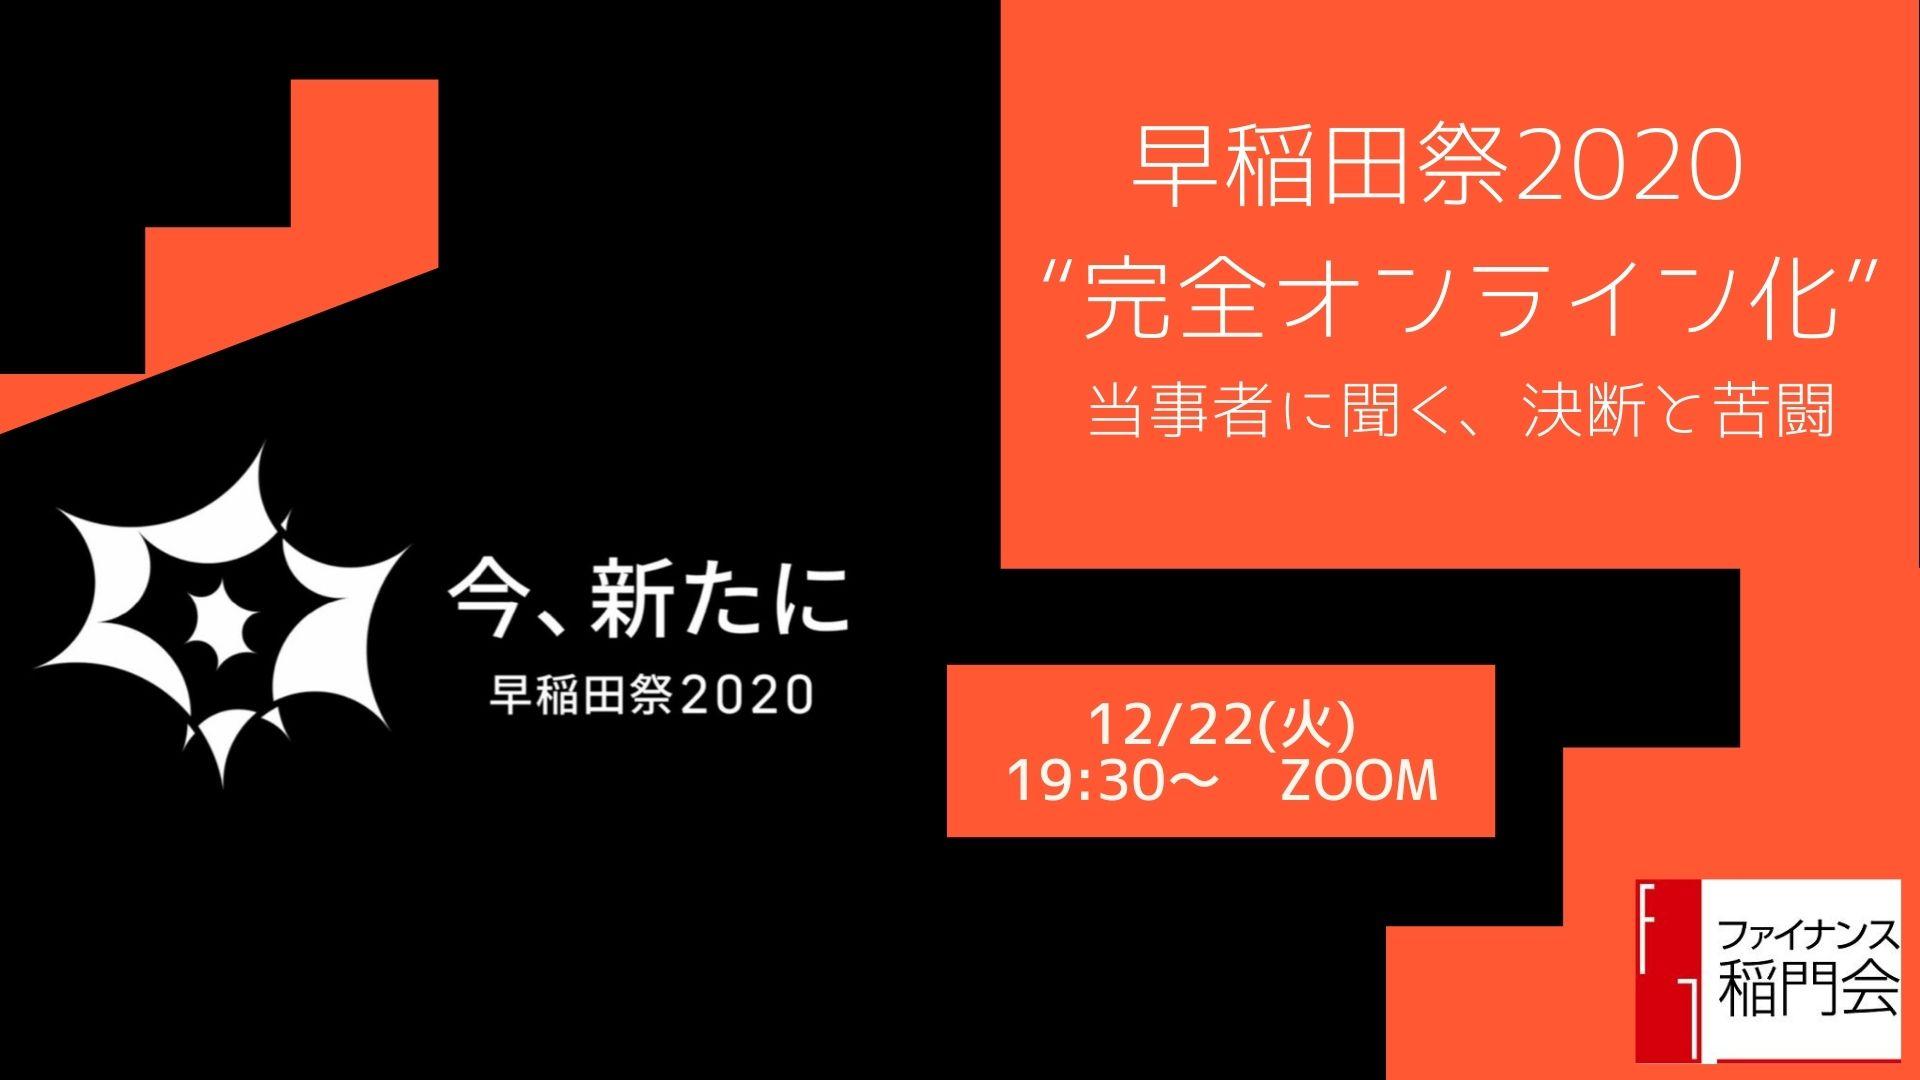 早稲田 祭 2020